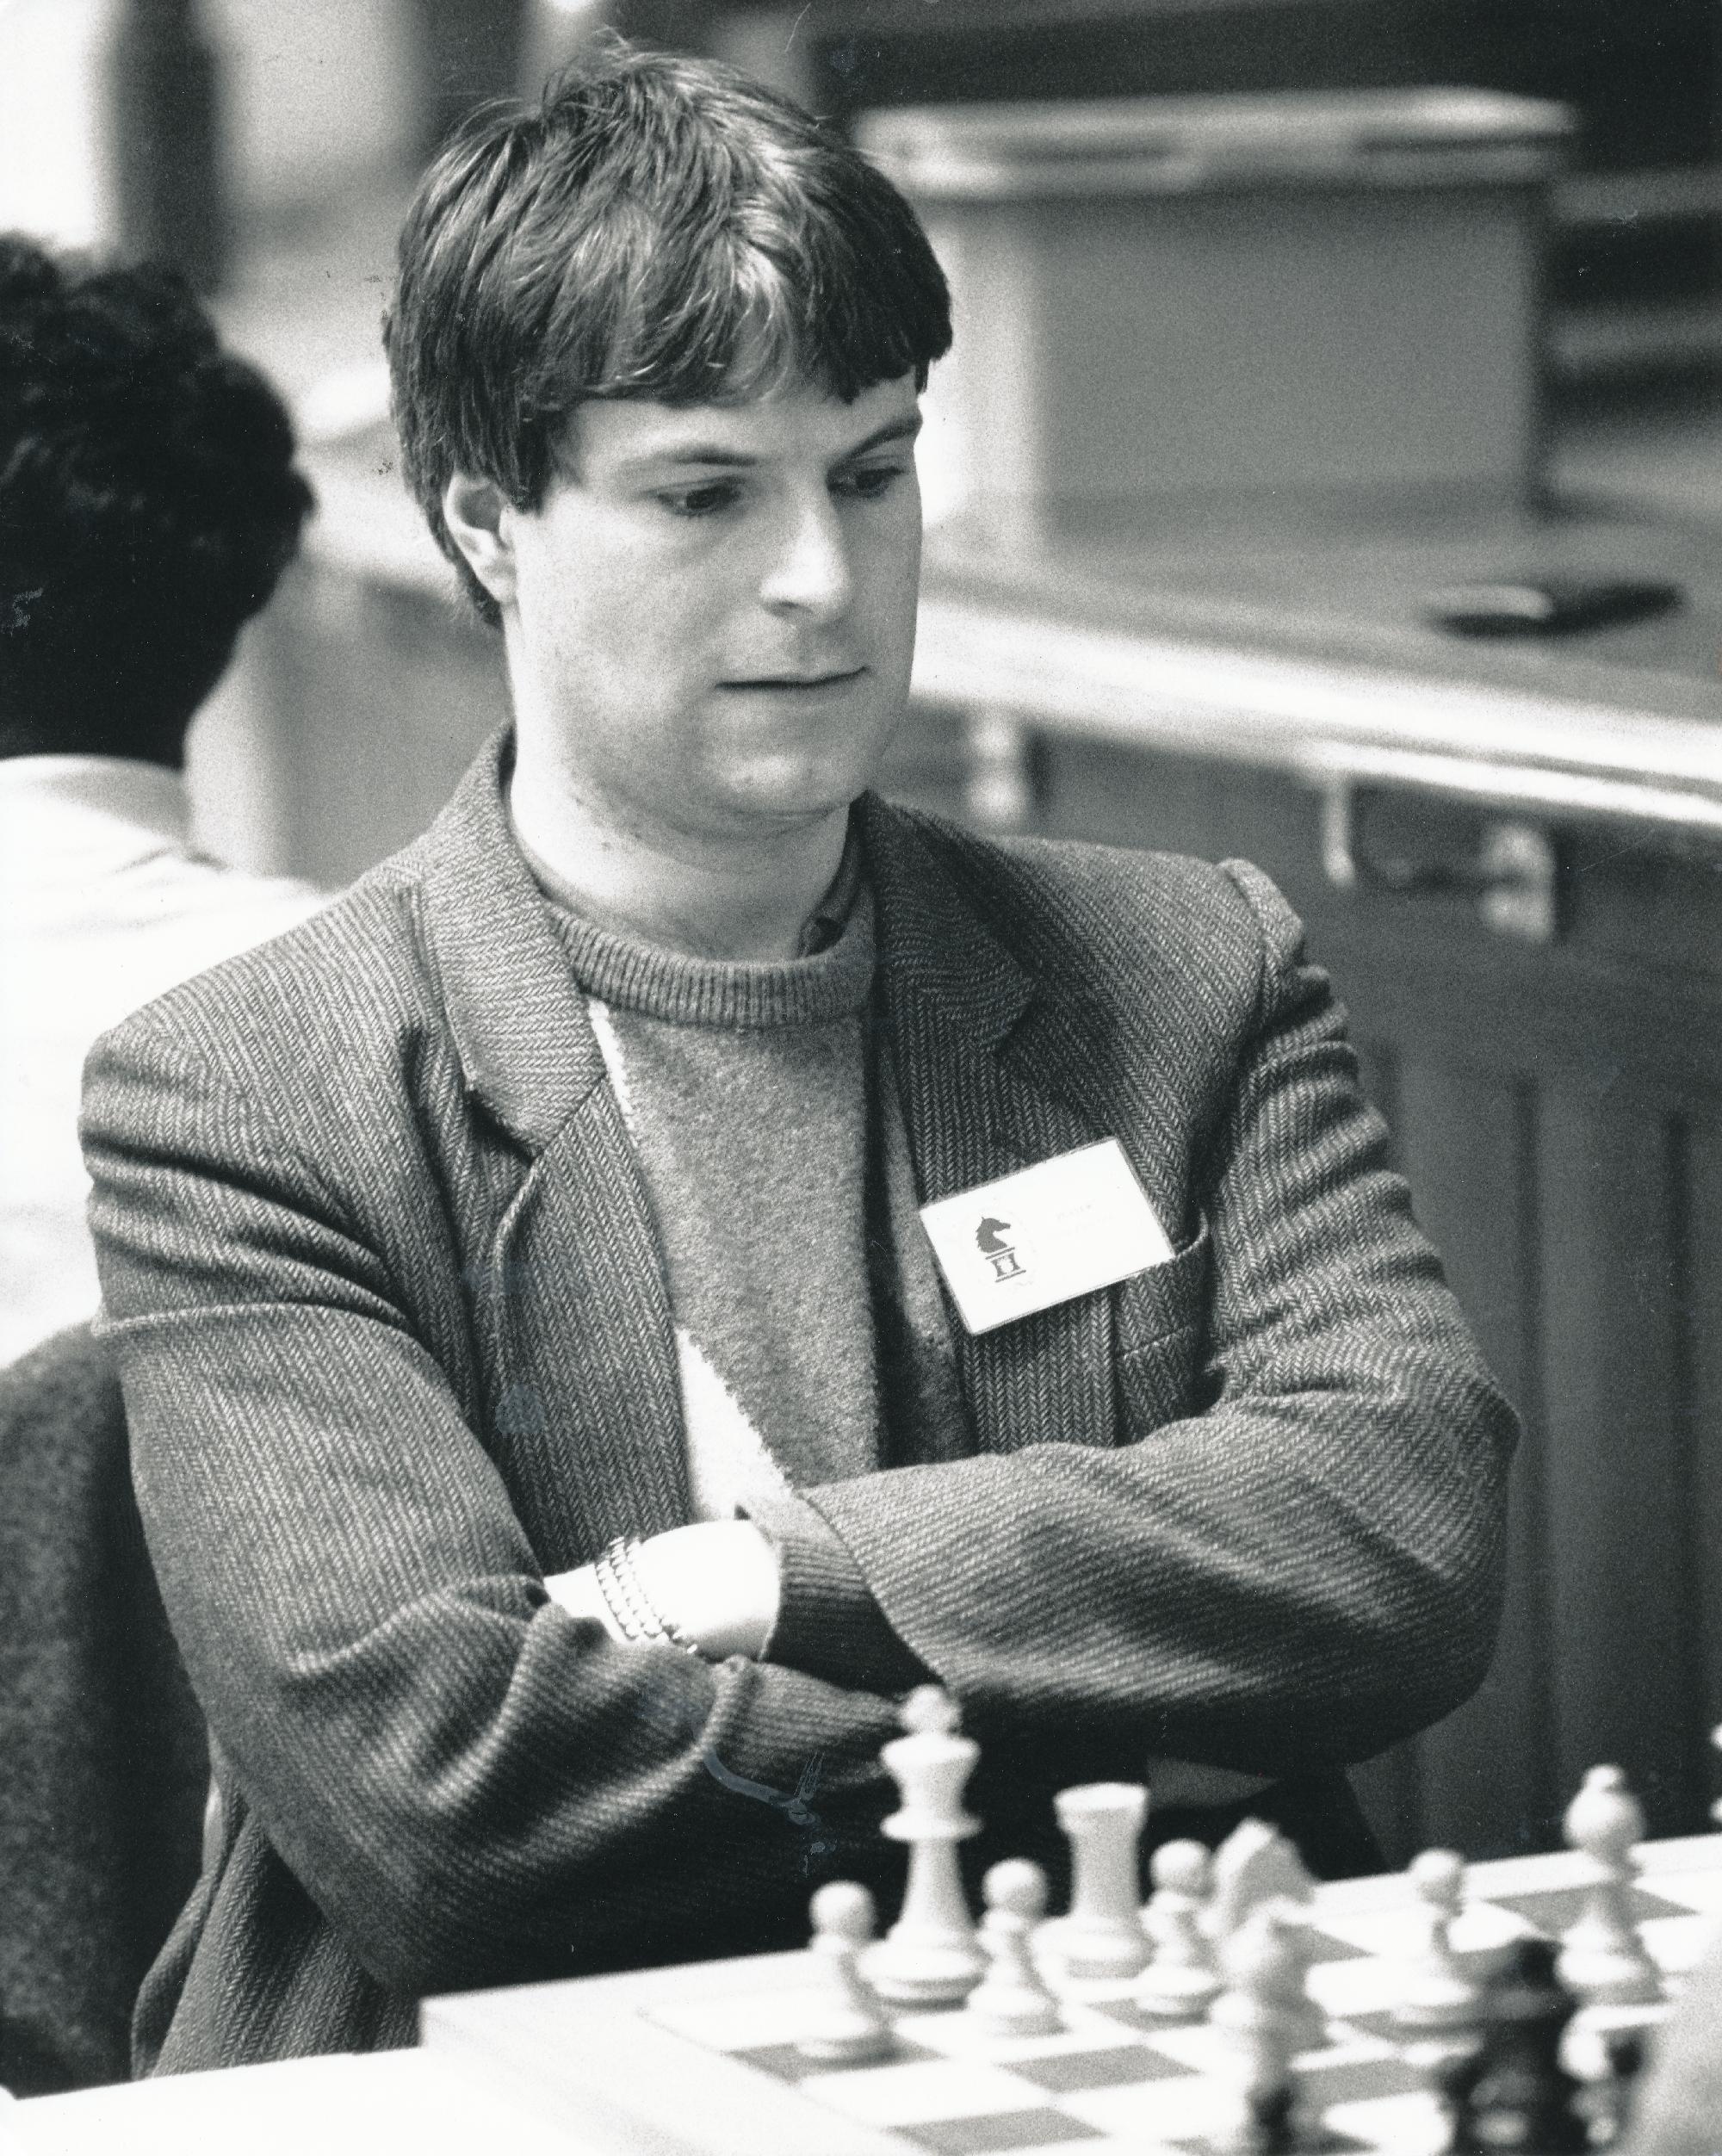 Glenn Curtis Flear